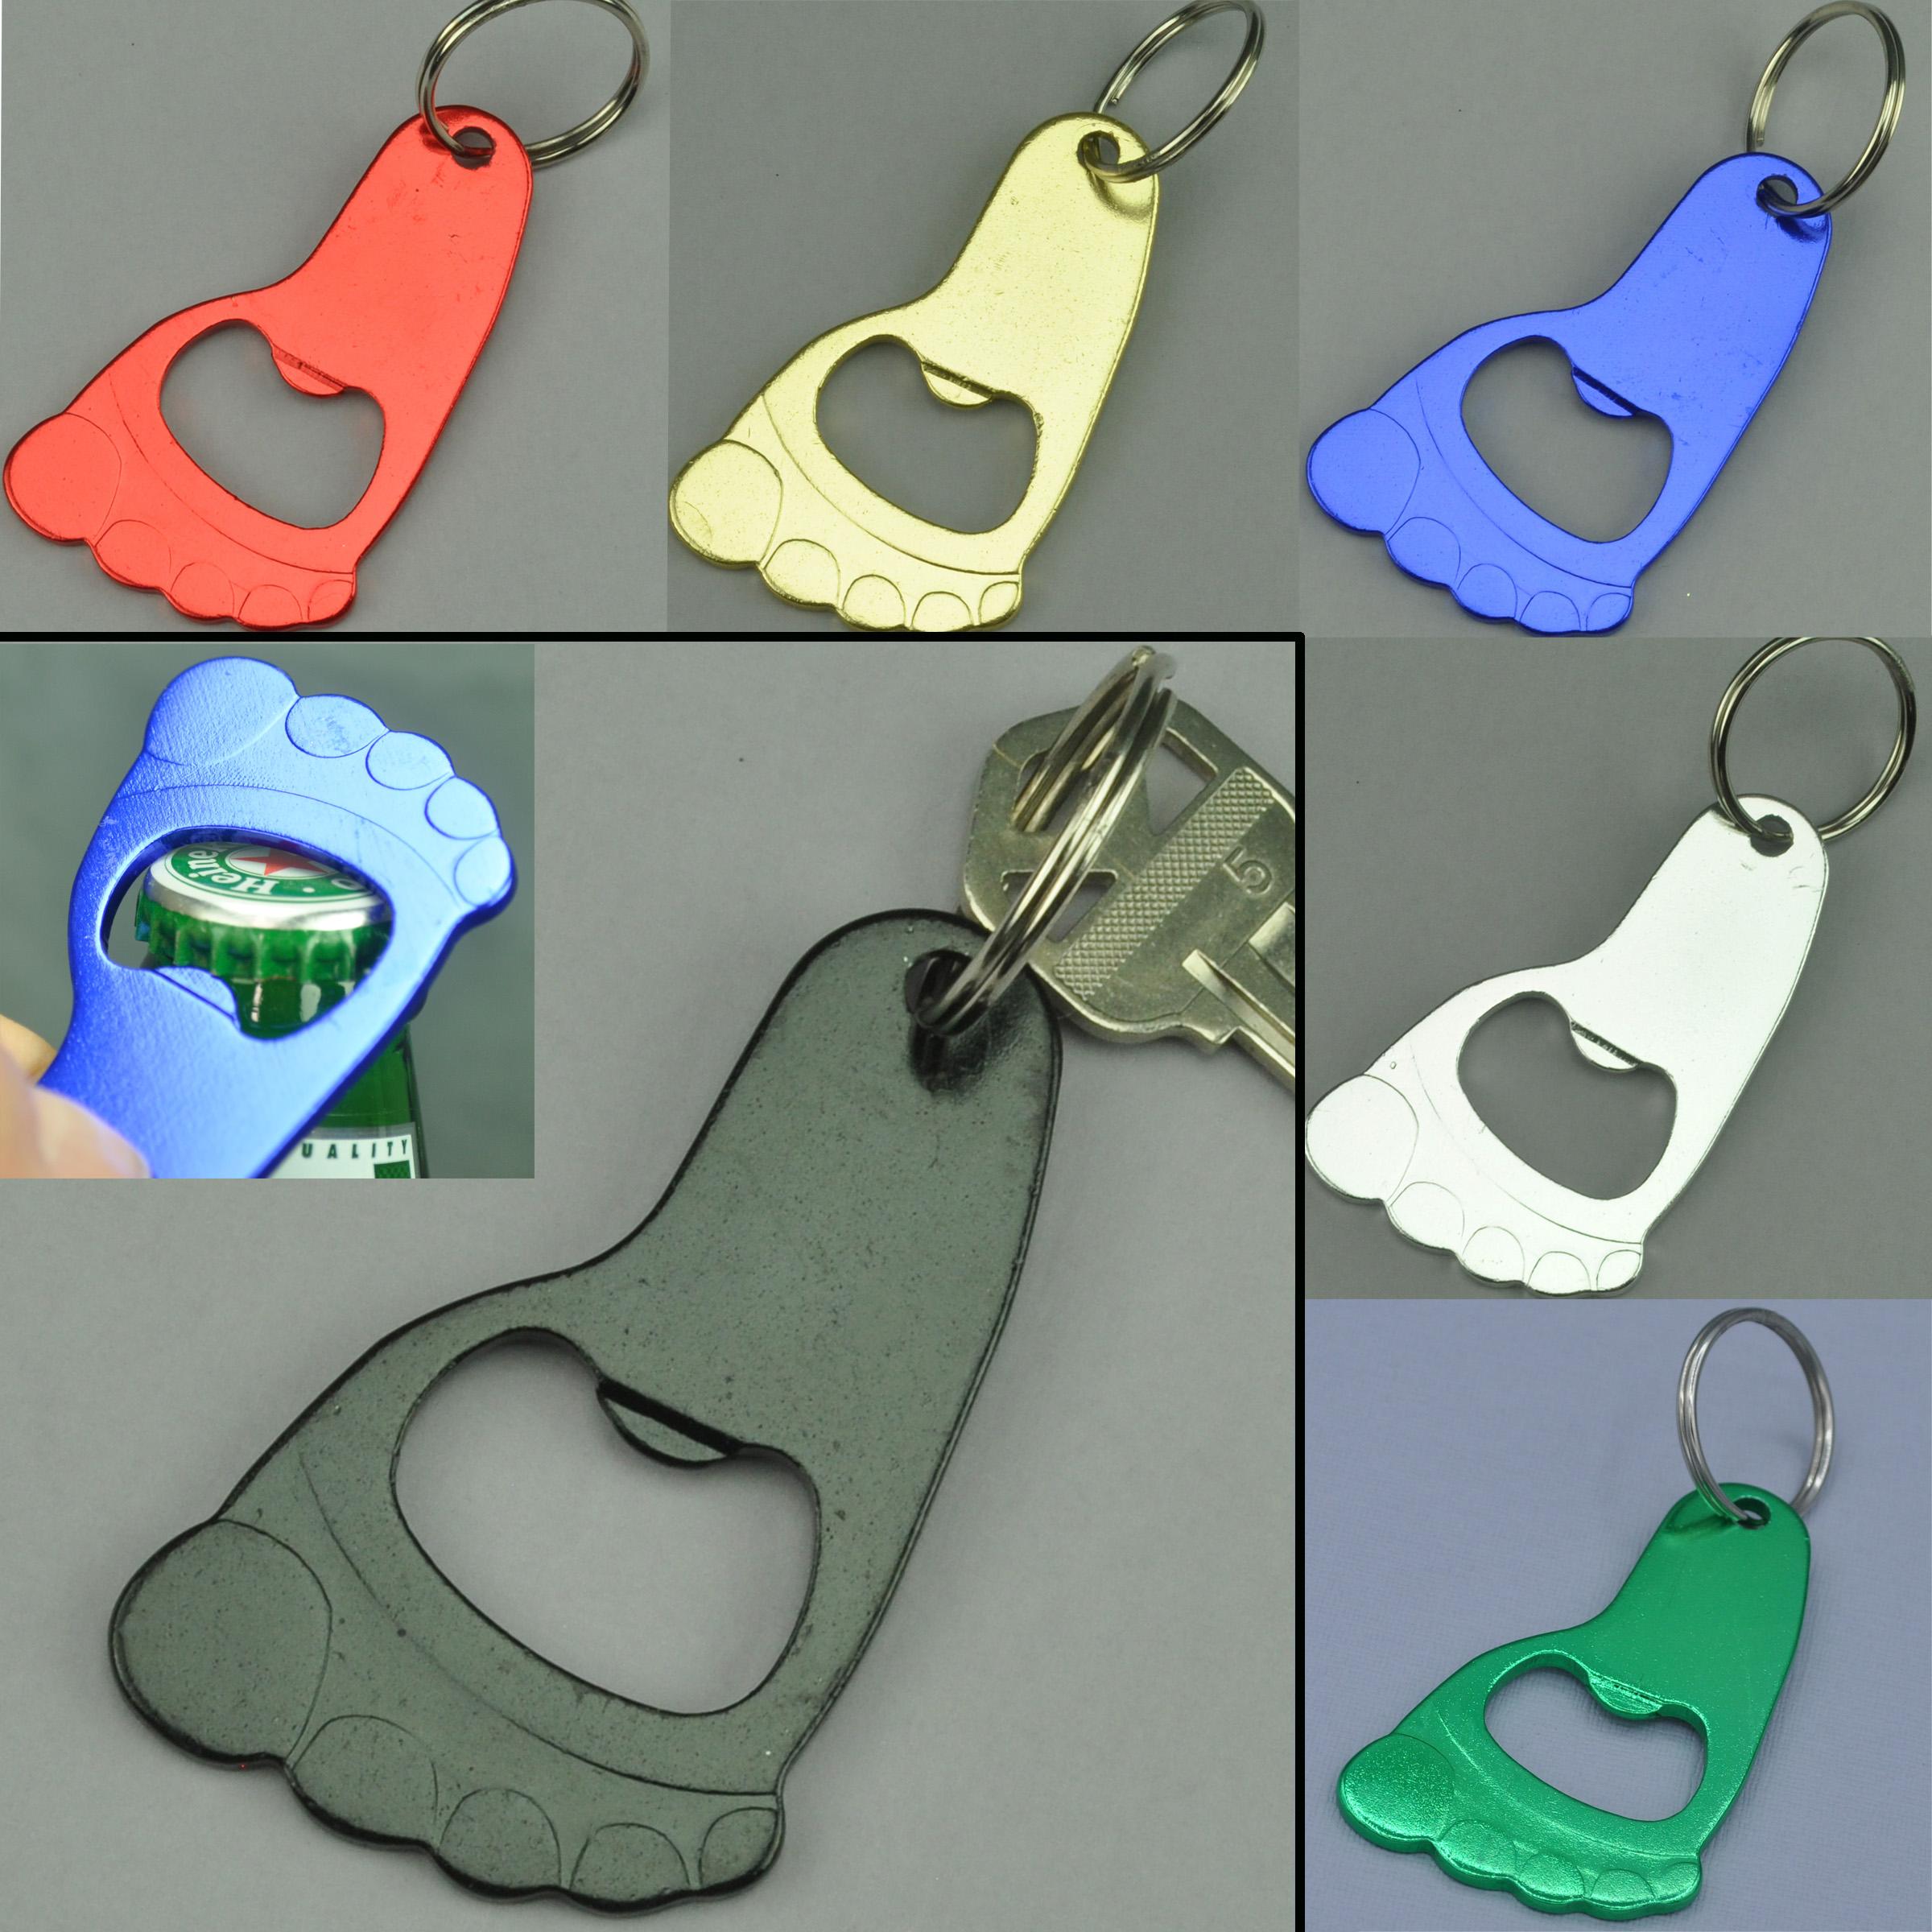 bottle opener keychain barefoot foot shape. Black Bedroom Furniture Sets. Home Design Ideas